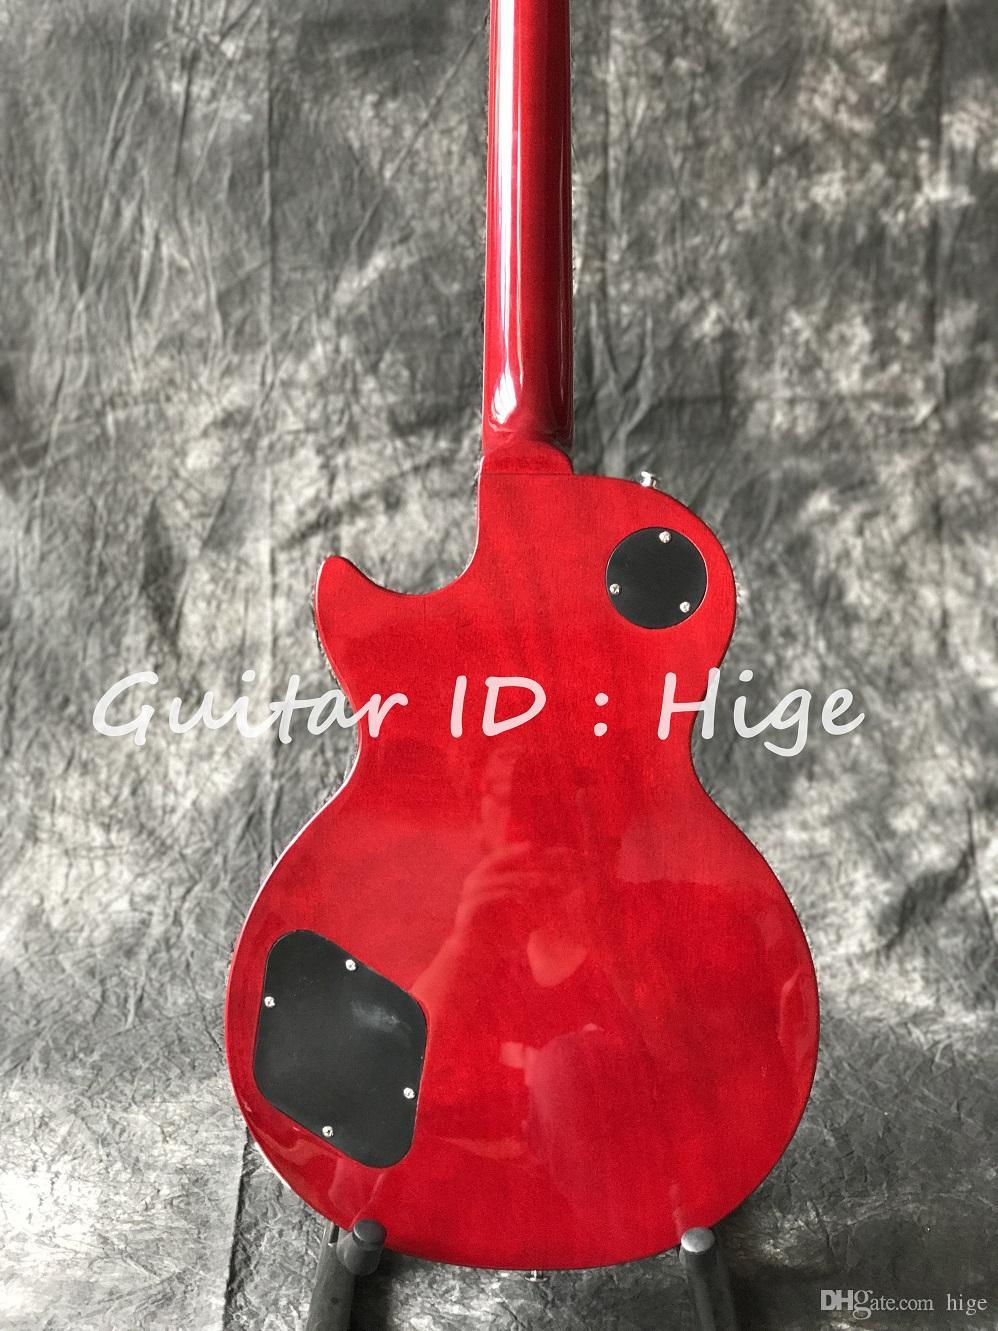 الصين الغيتار سلاش شهية vos اللون الأحمر الغيتار الكهربائي حار بيع تسليم سريع الغيتار الشحن المجاني في الأسهم